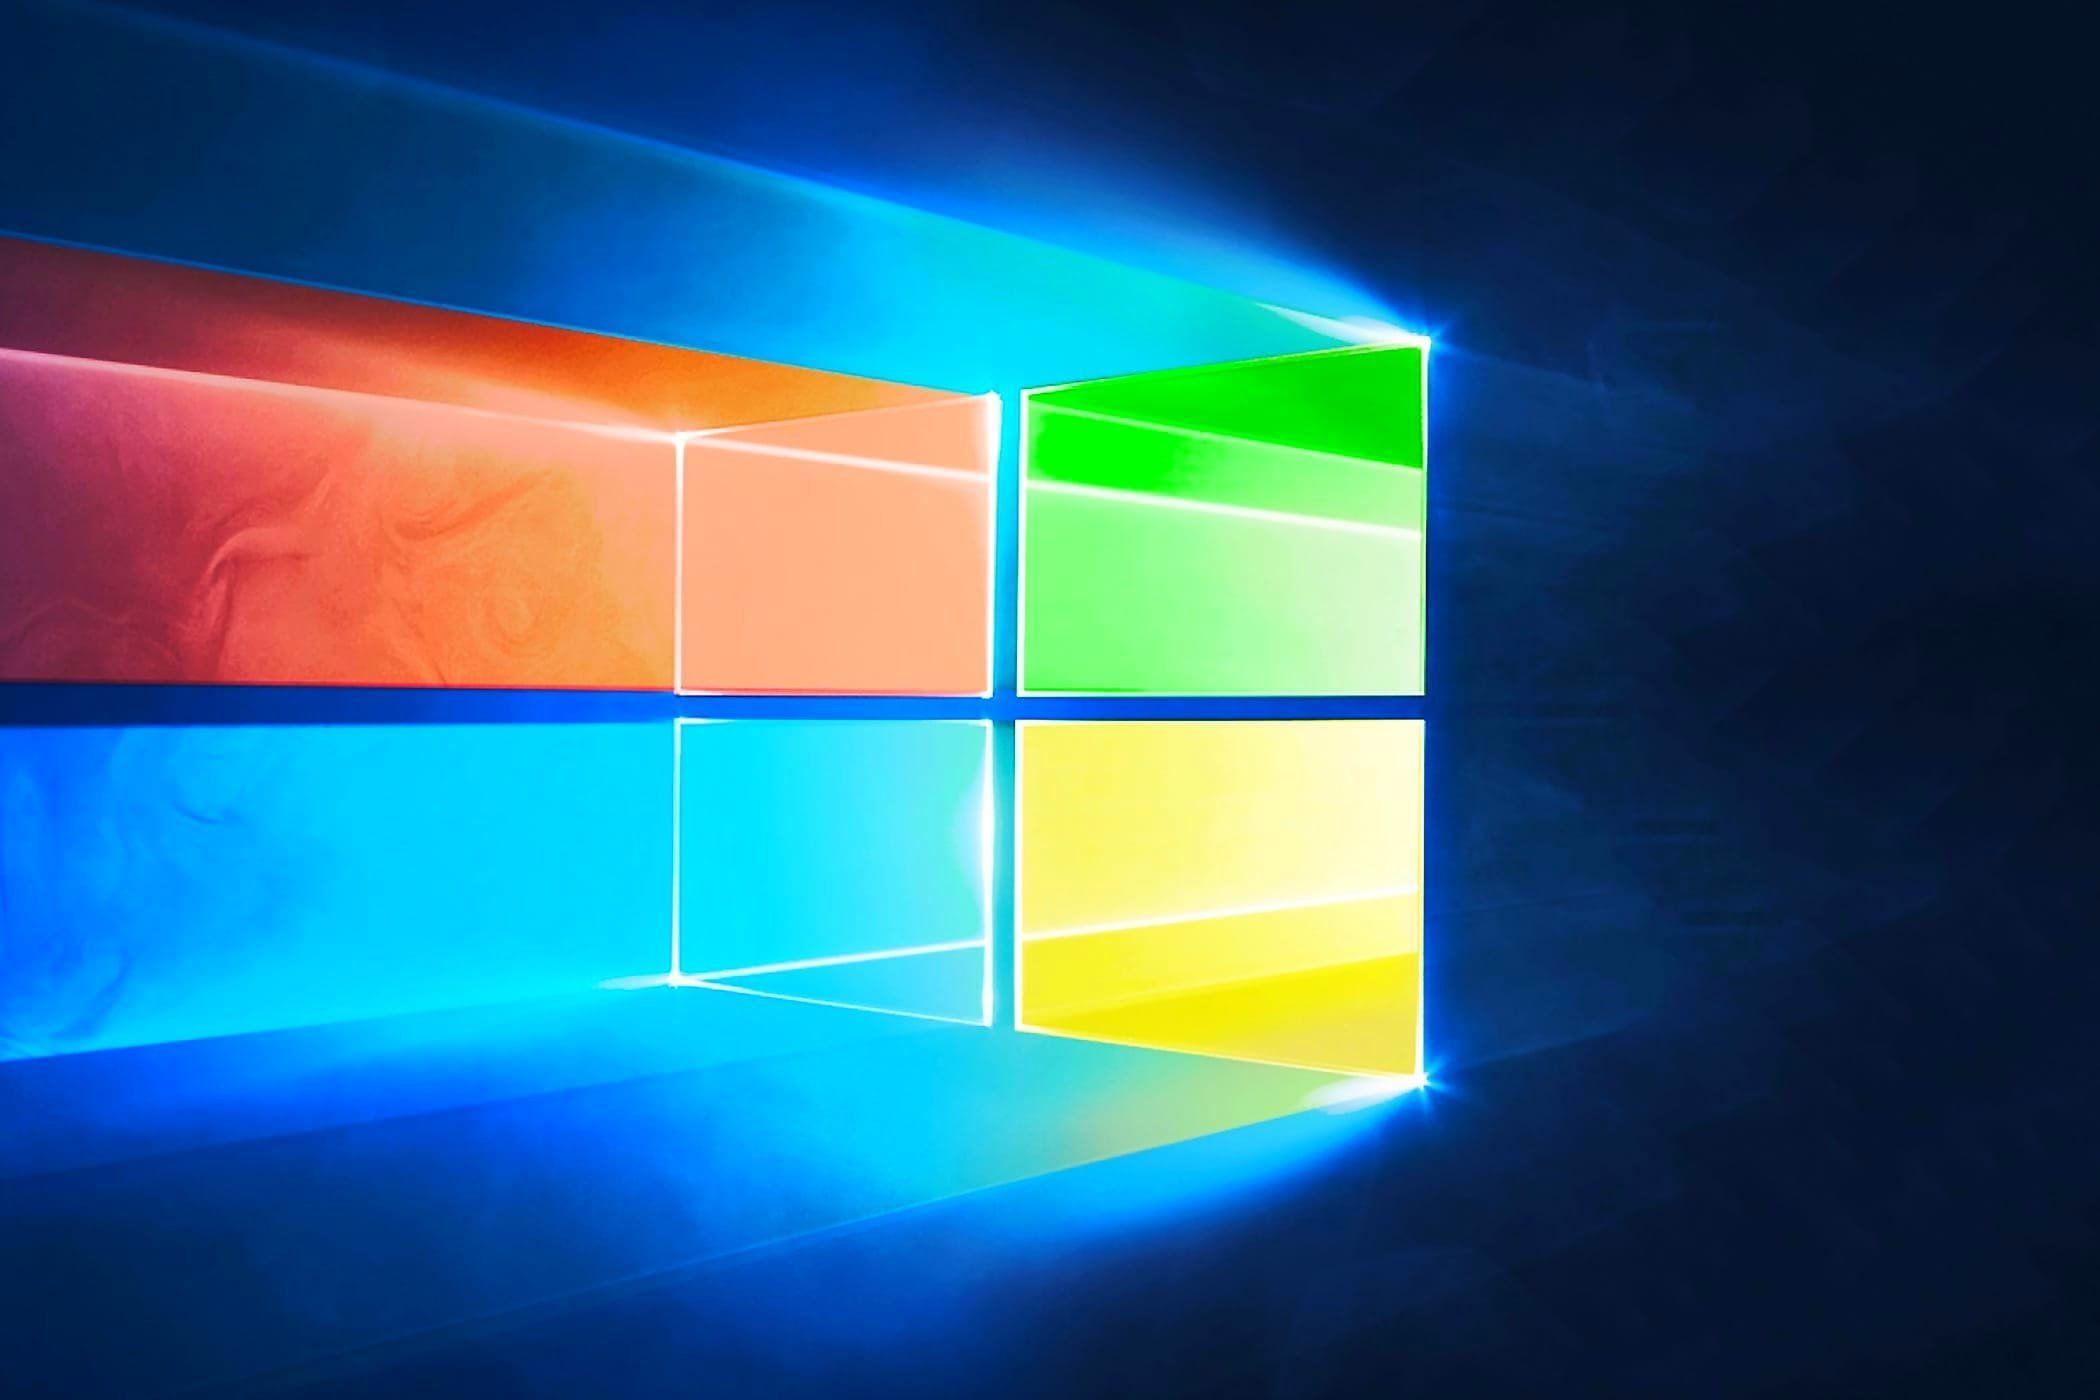 ОСWindows 10 получила долгожданное крупное обновление